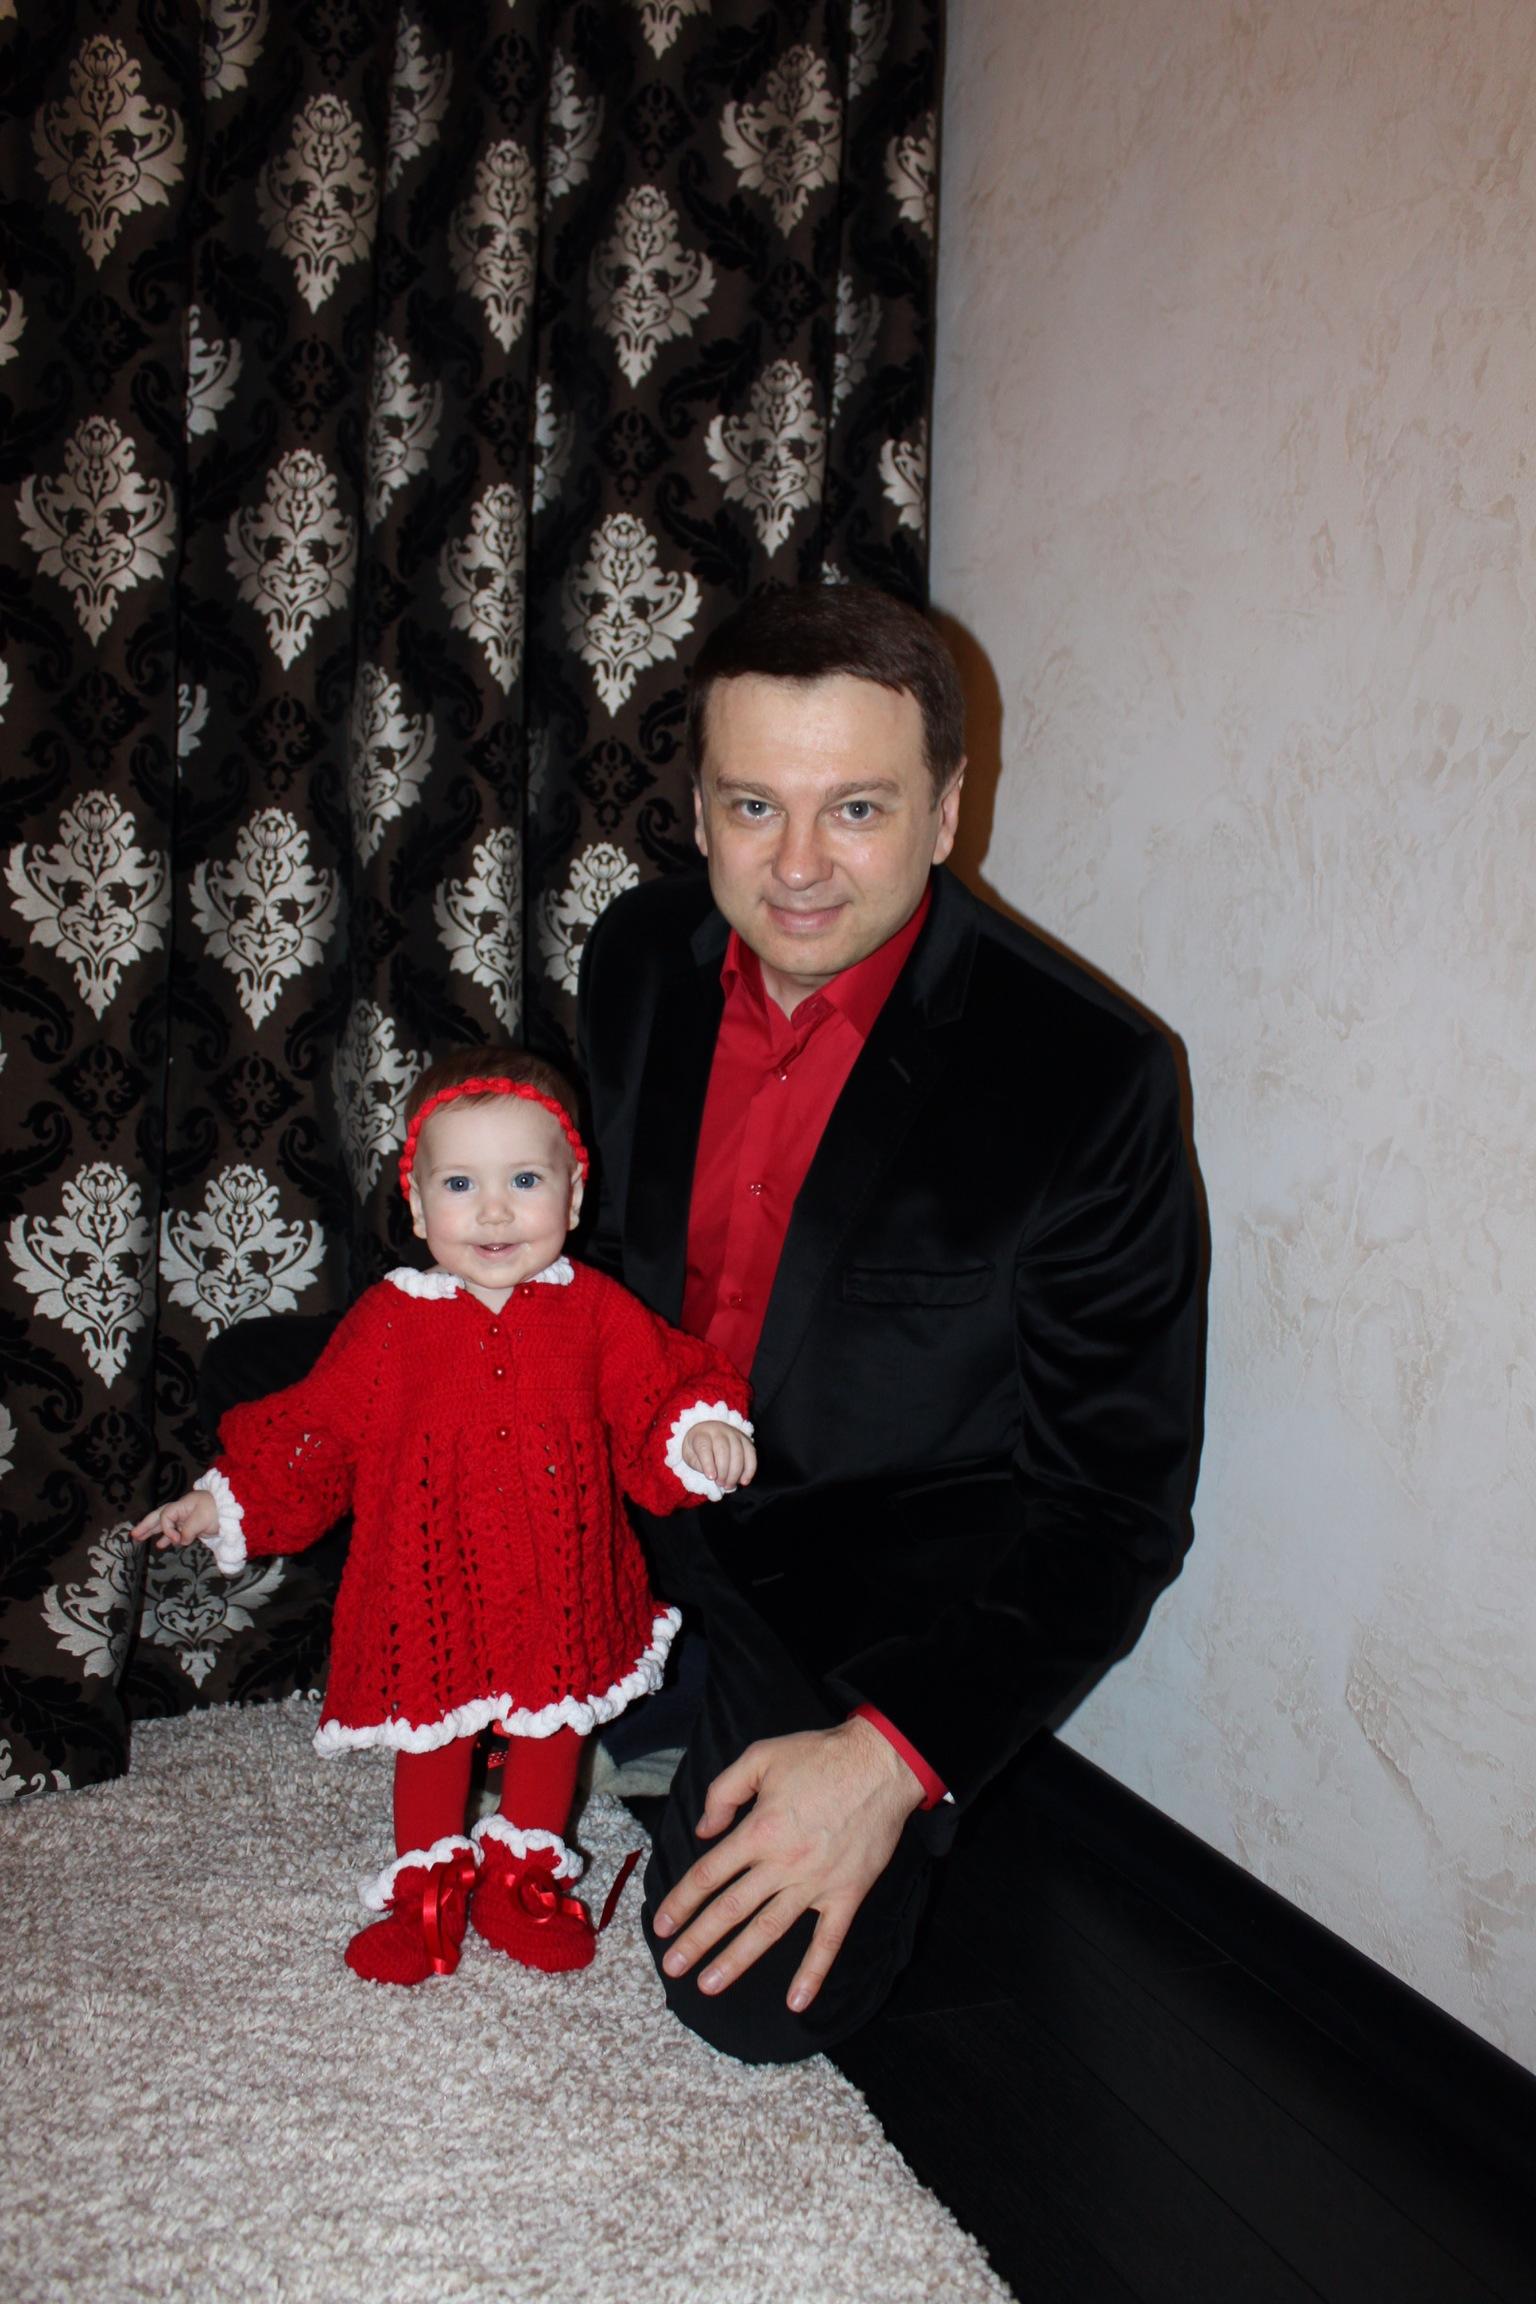 Смотреть папа сделал массаж маленькой дочке бесплатно 9 фотография